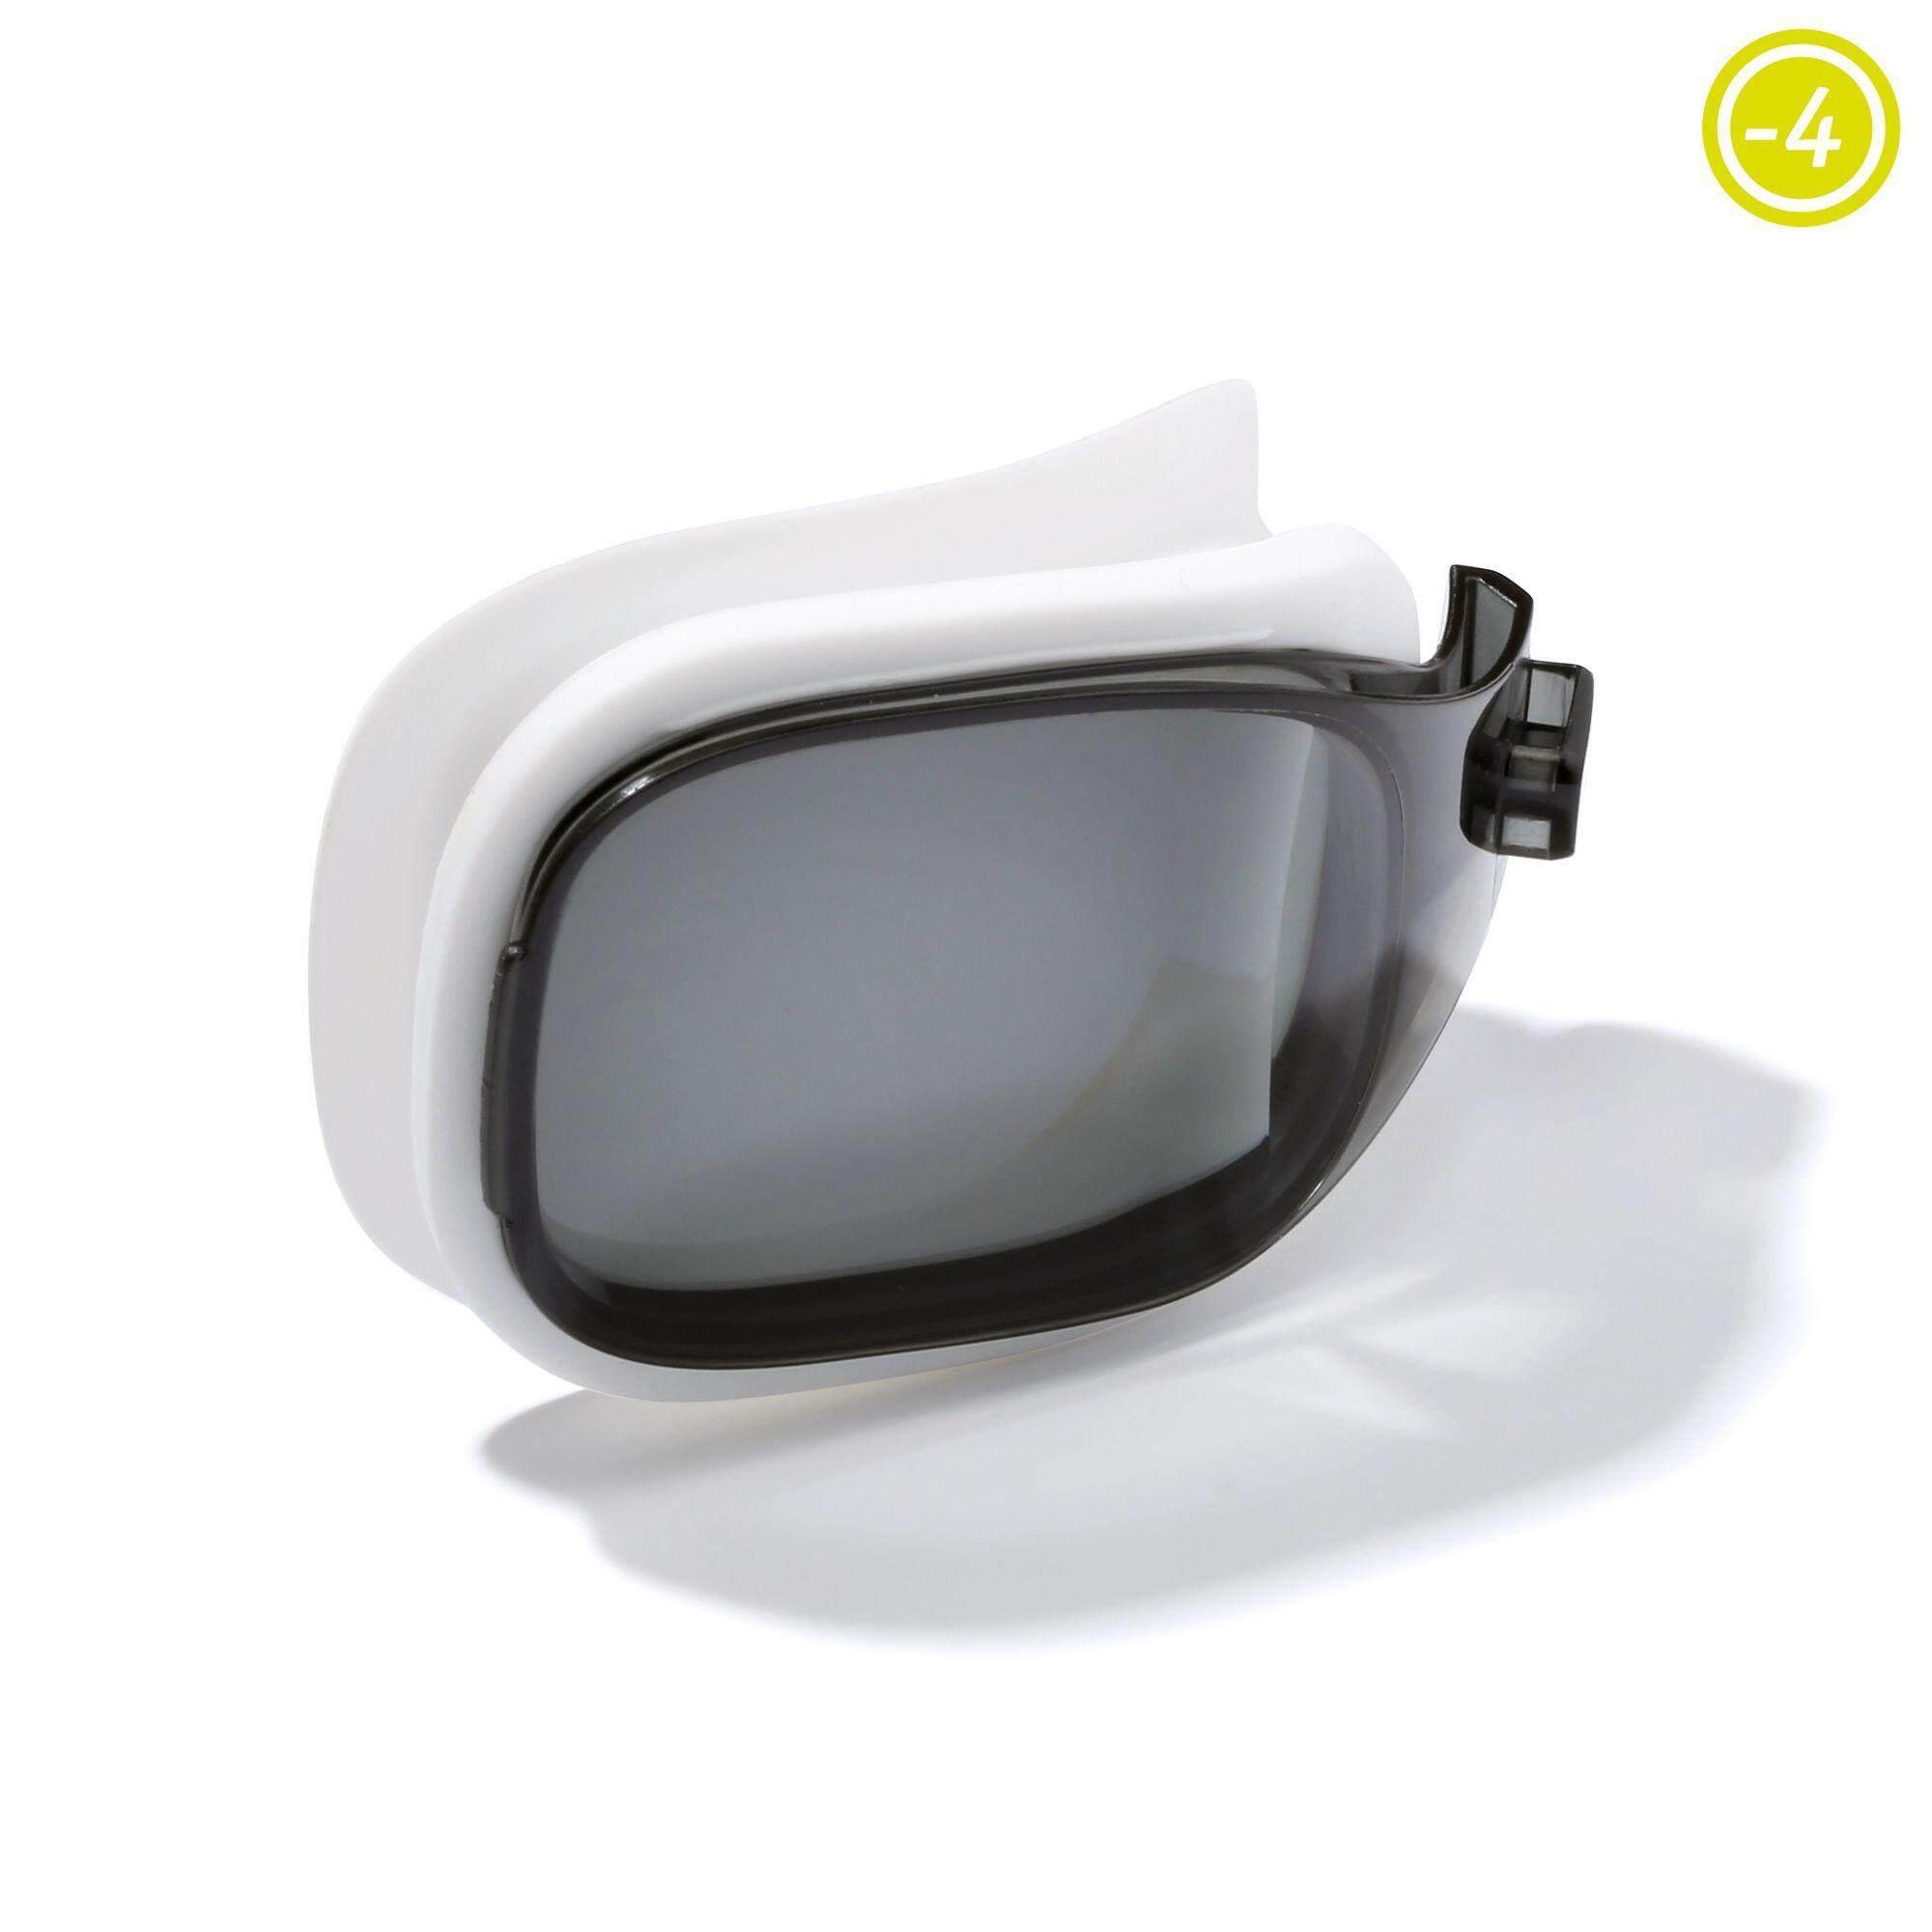 [ราคาถูกอย่างแรง แซงทุกโปร!!!]เลนส์ปรับสายตาสำหรับแว่นตาว่ายน้ำ รุ่น SELFIT ขนาด L (สี SMOKE) สายตาสั้น -4